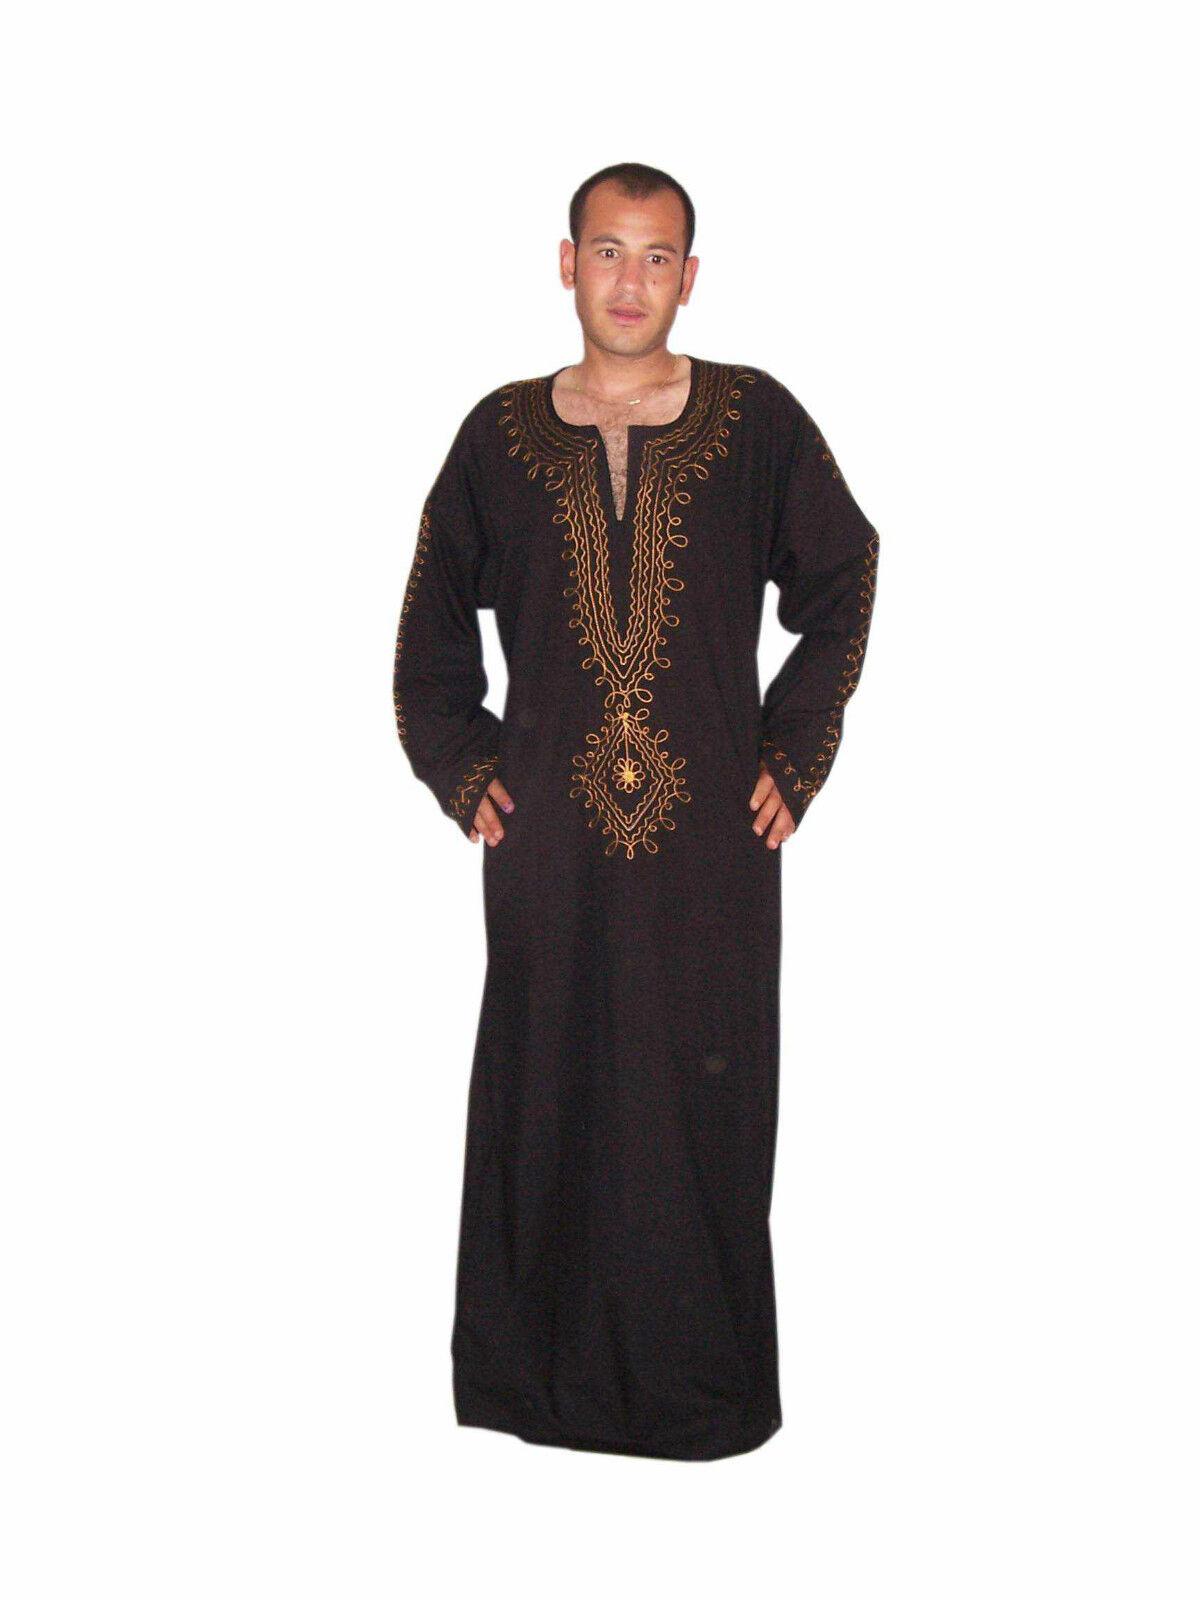 Wunderschöner eleganter Moderner Herren Herren Herren Kaftan aus1001 Nacht in schwarz KAM00632 | Langfristiger Ruf  fb3972